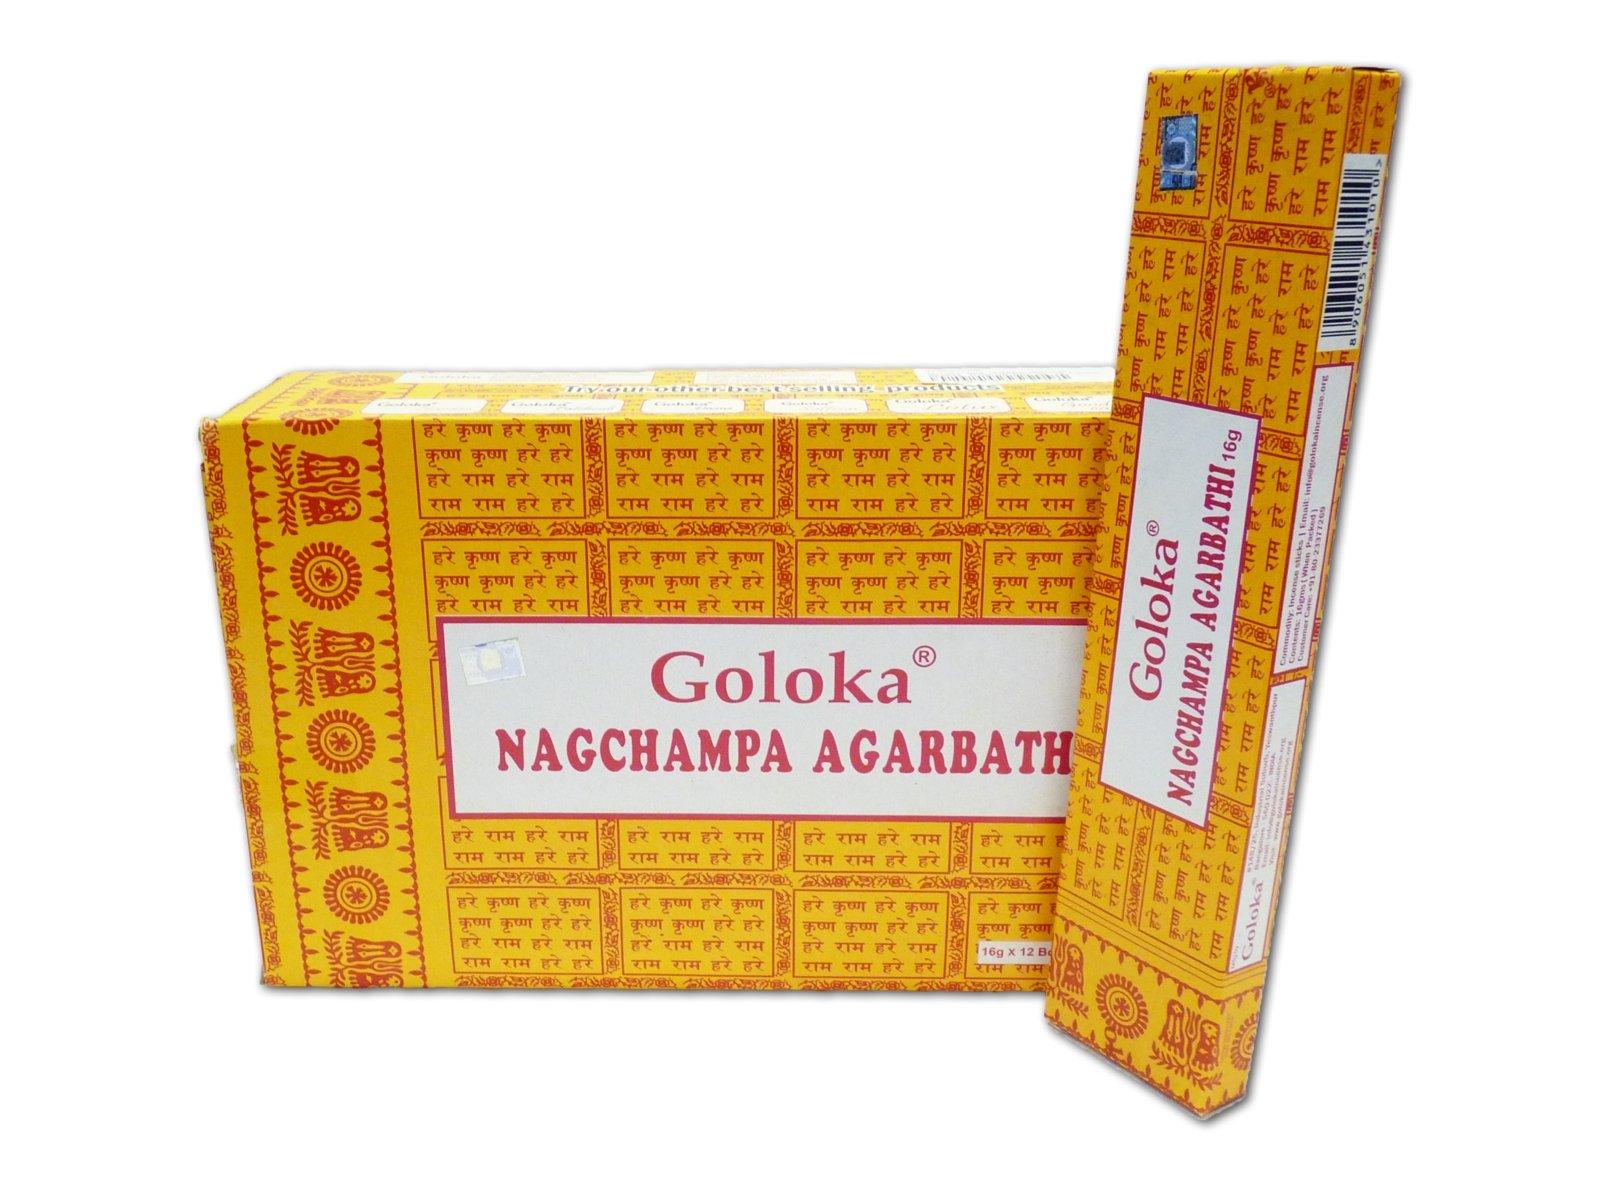 Goloka Juego de Varillas de Incienso - 1 pack product image